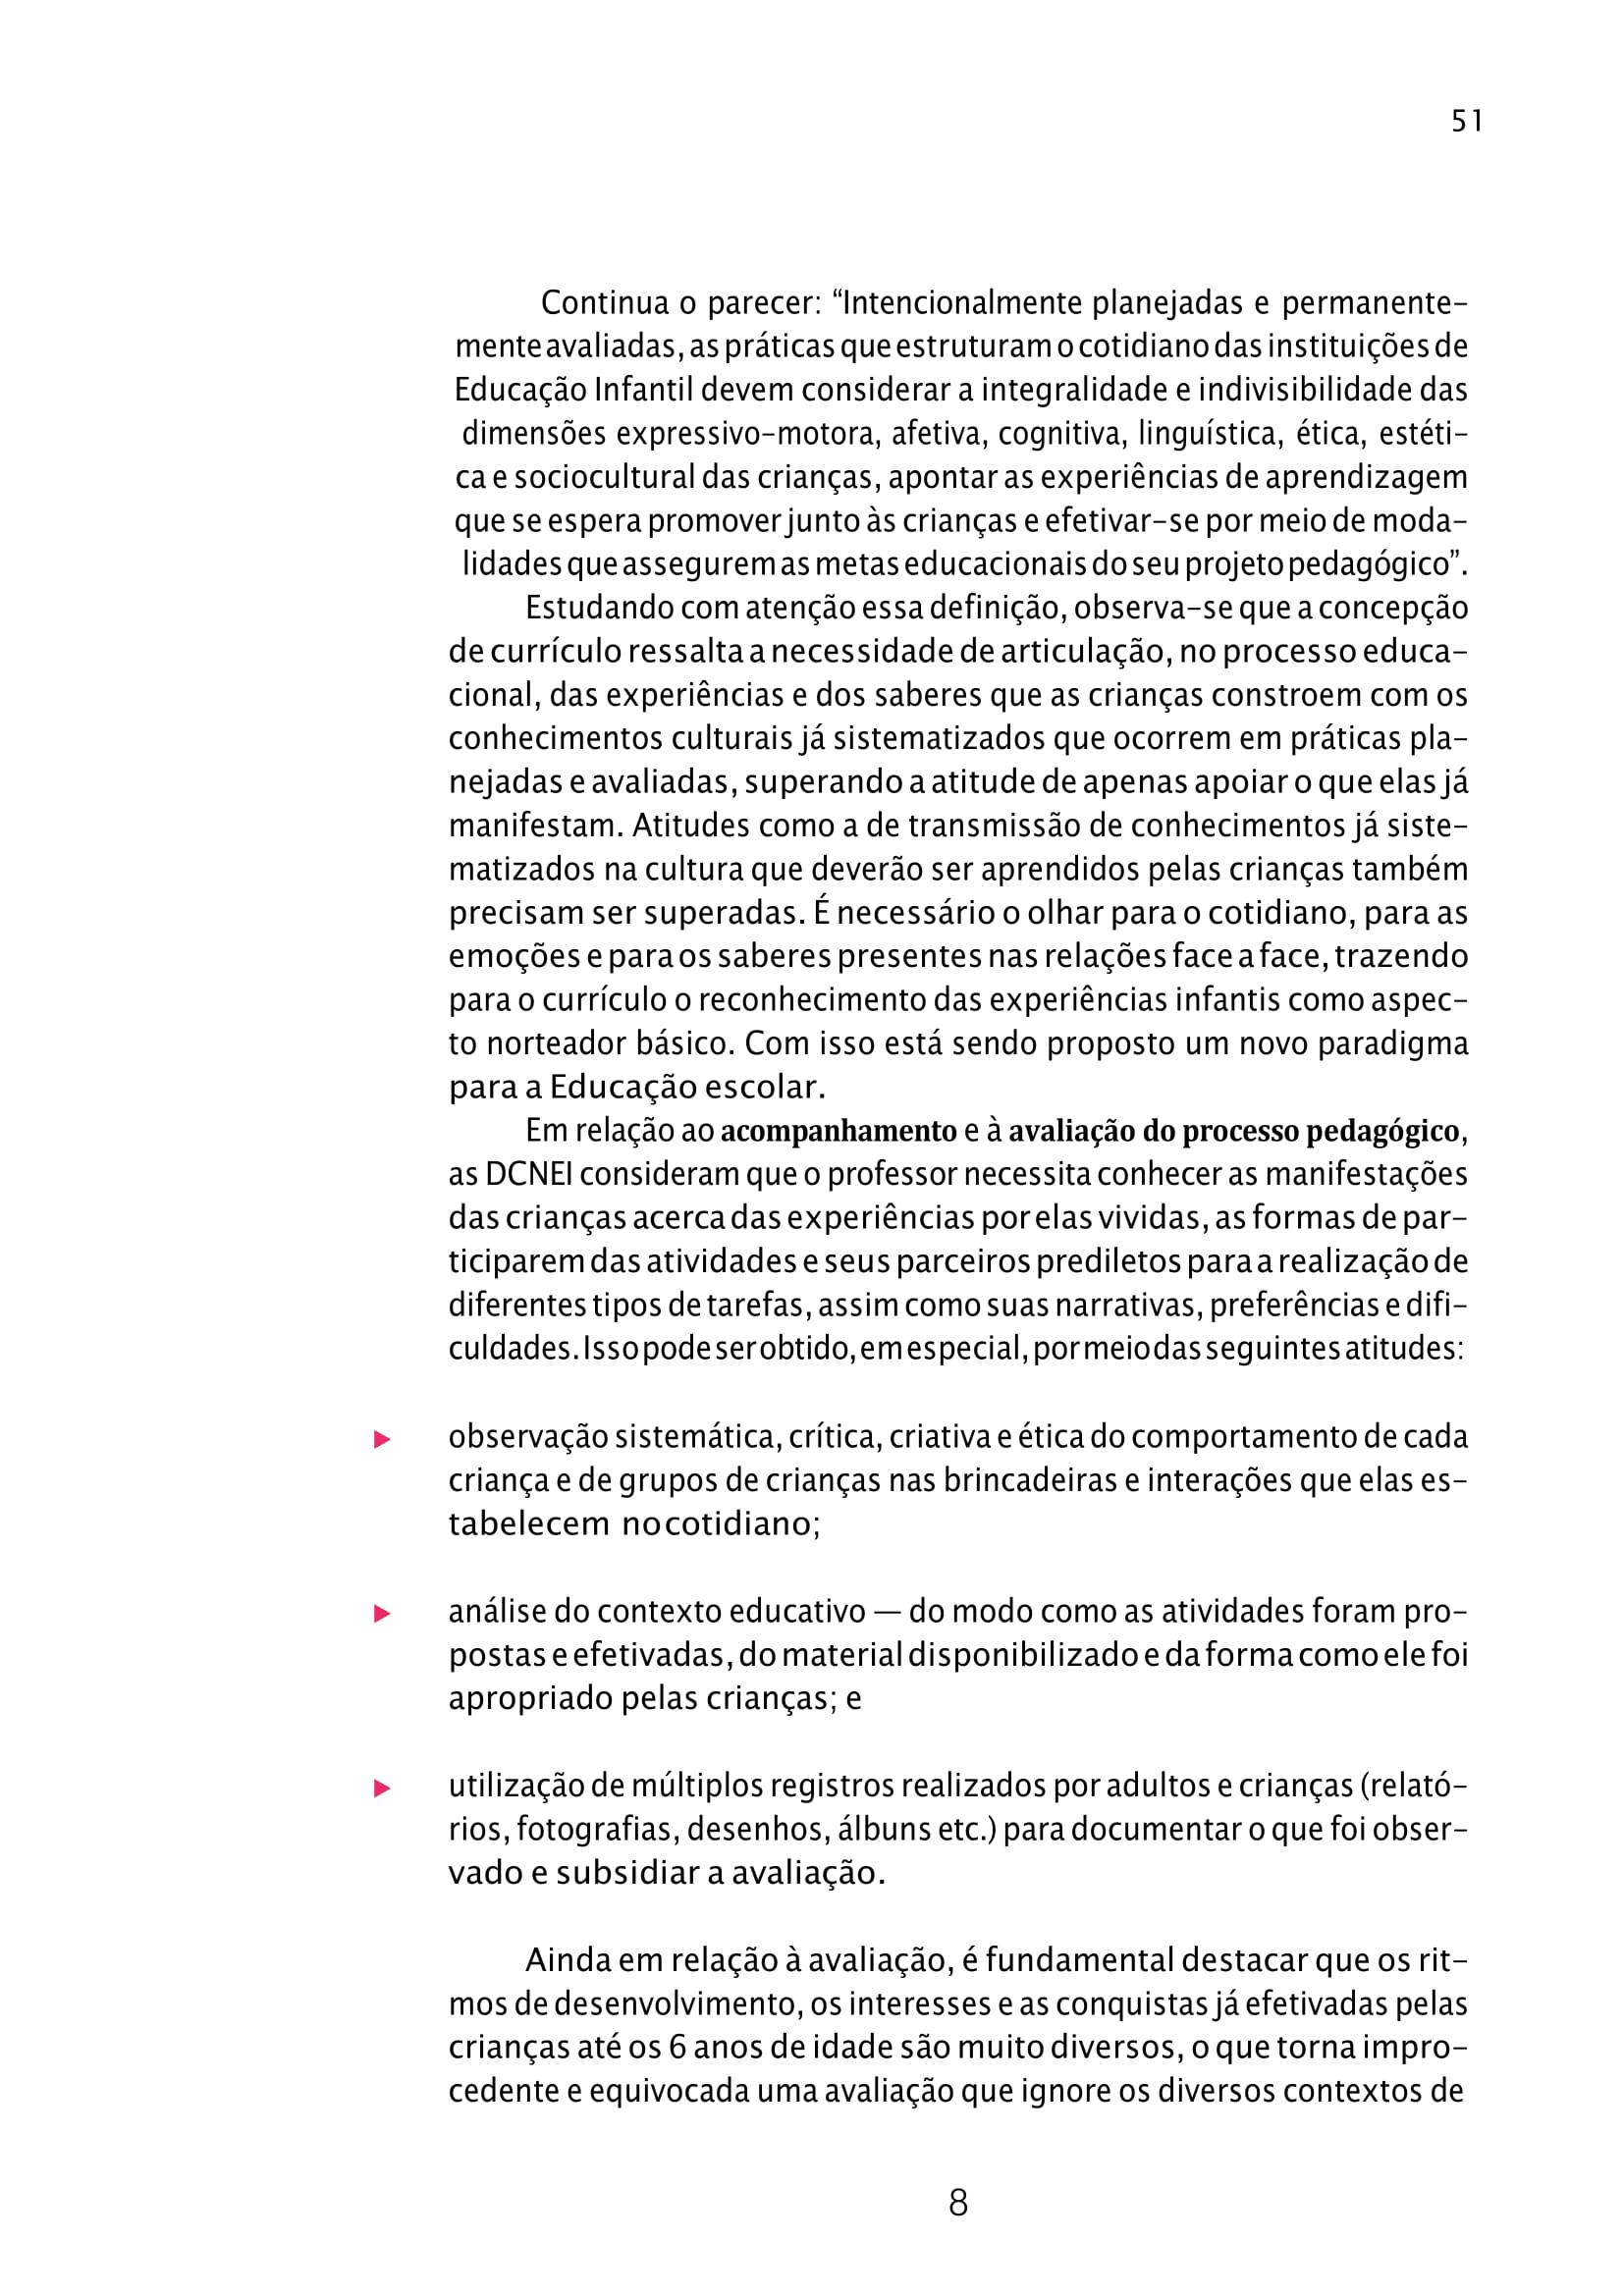 planejamento-educação-infantil-bncc-geral-81